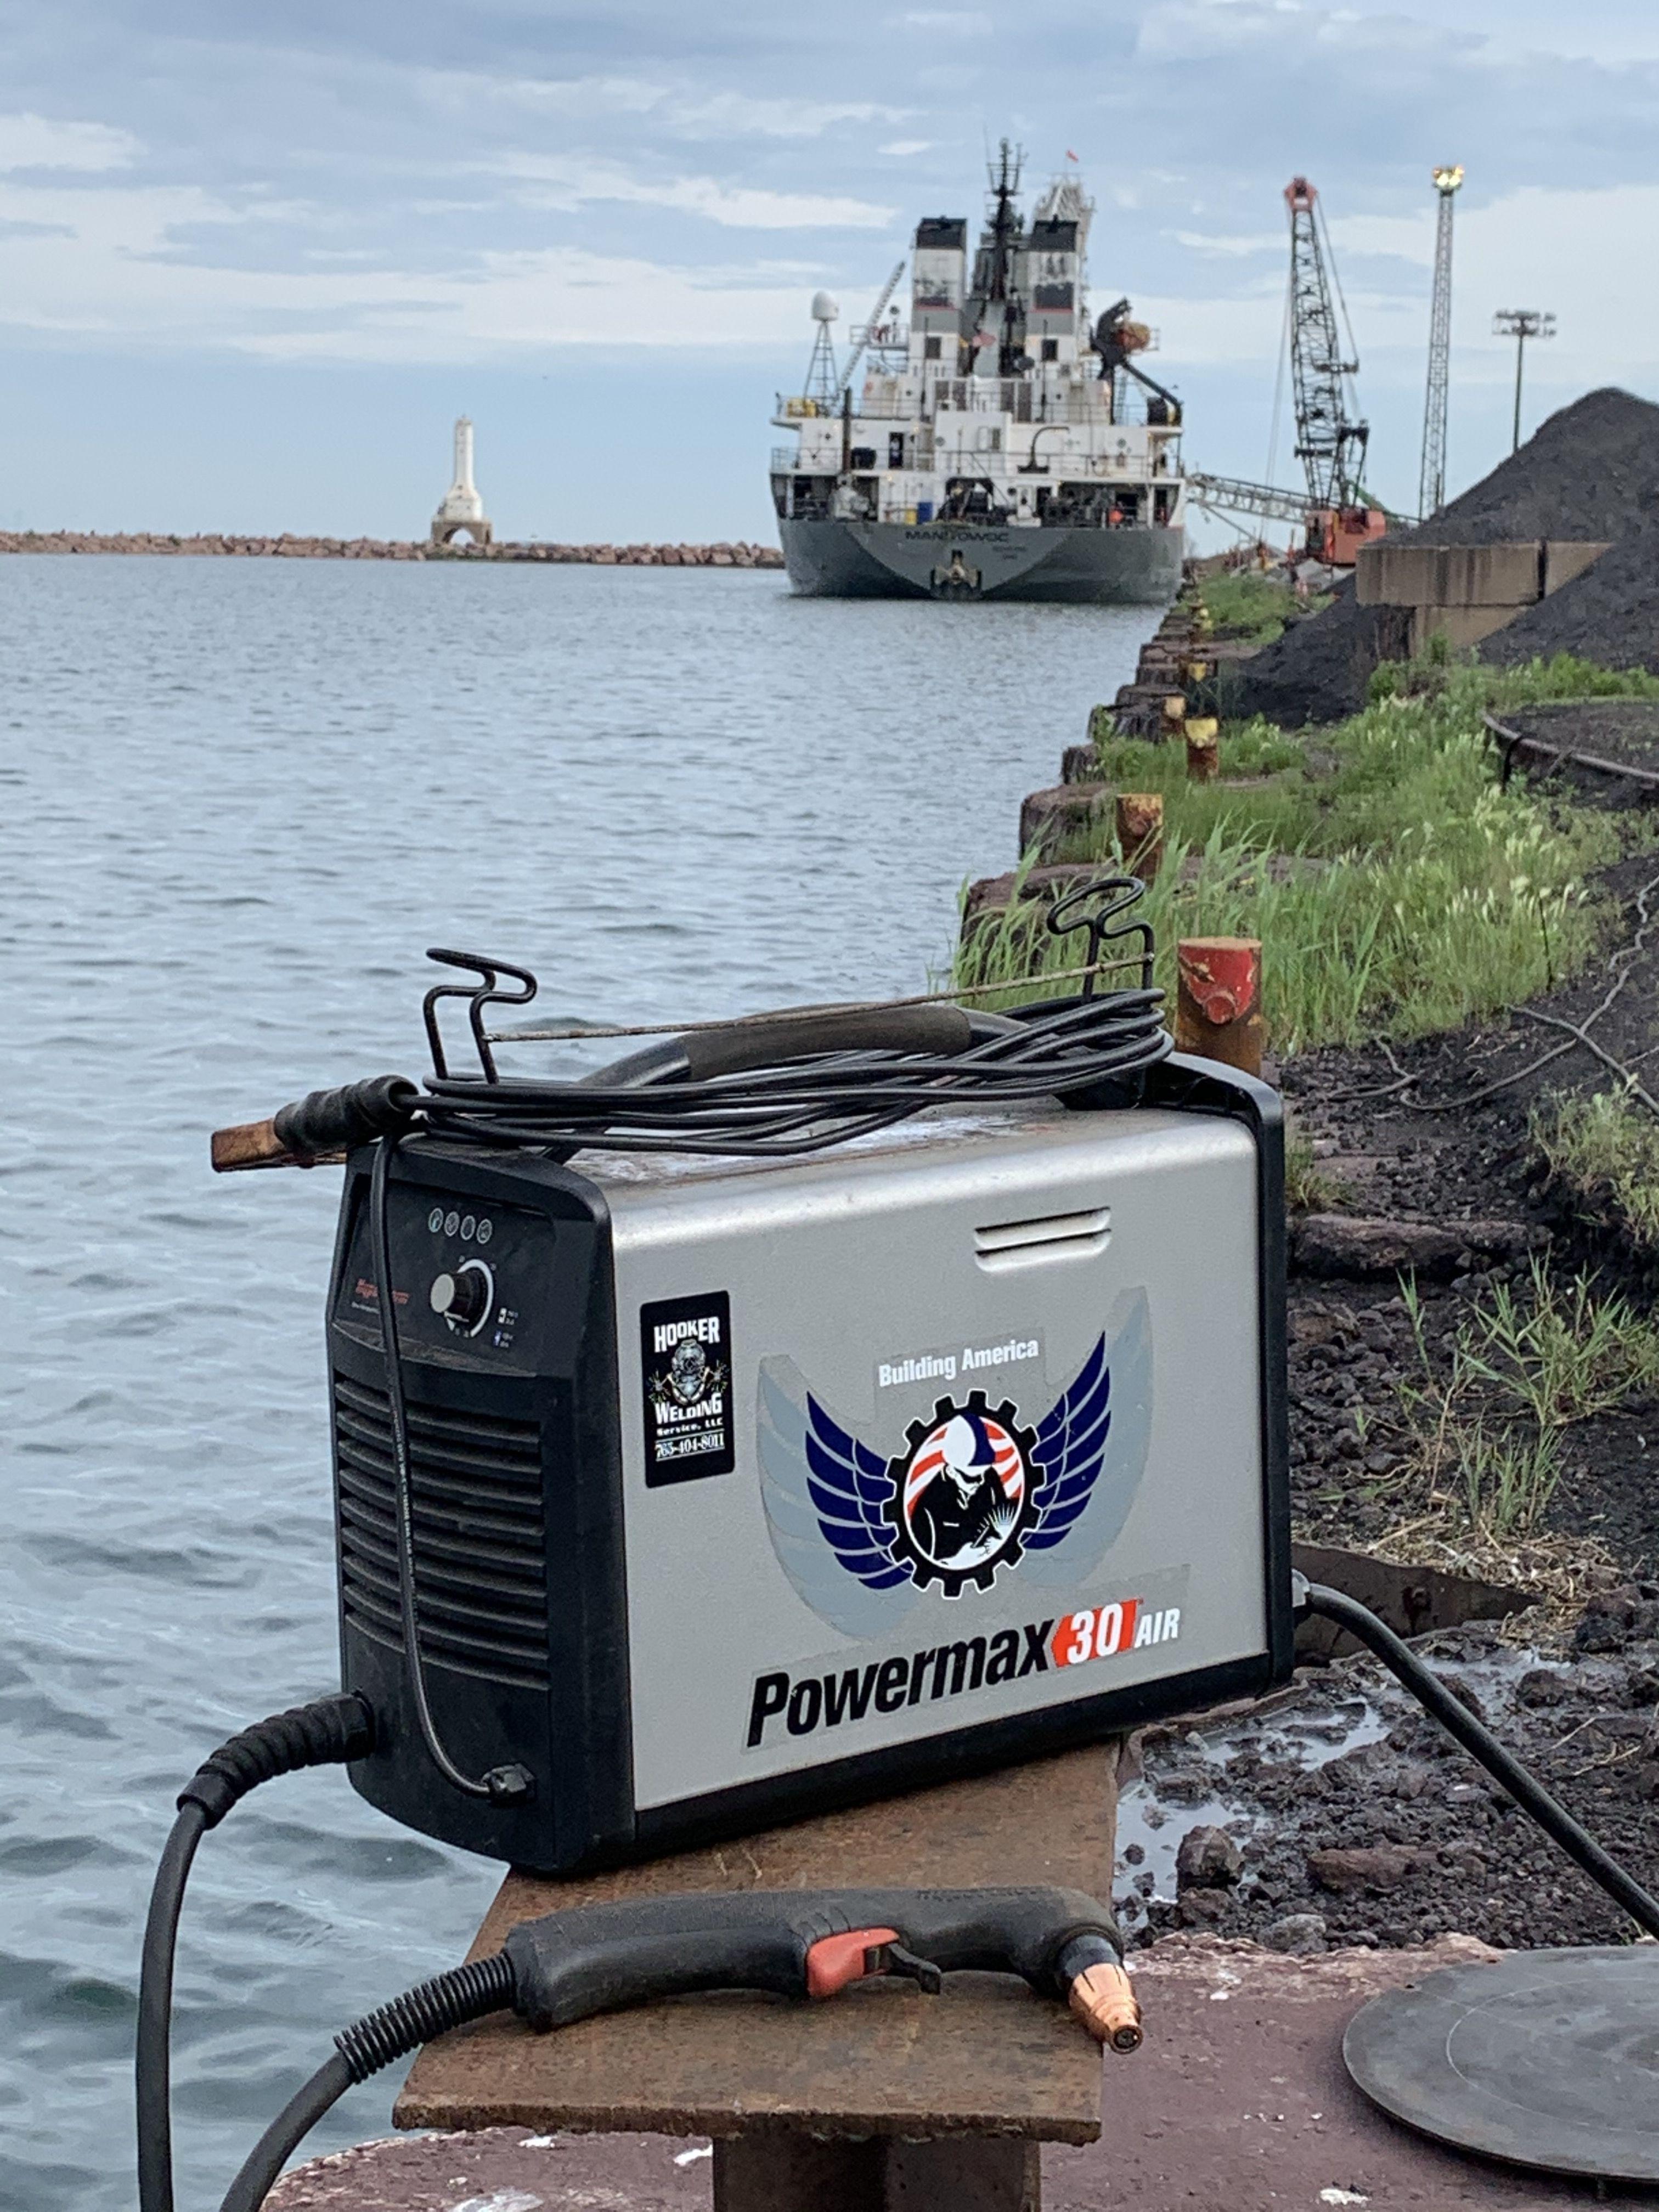 Powermax30 AIR plasma system in 2020 Underwater welding